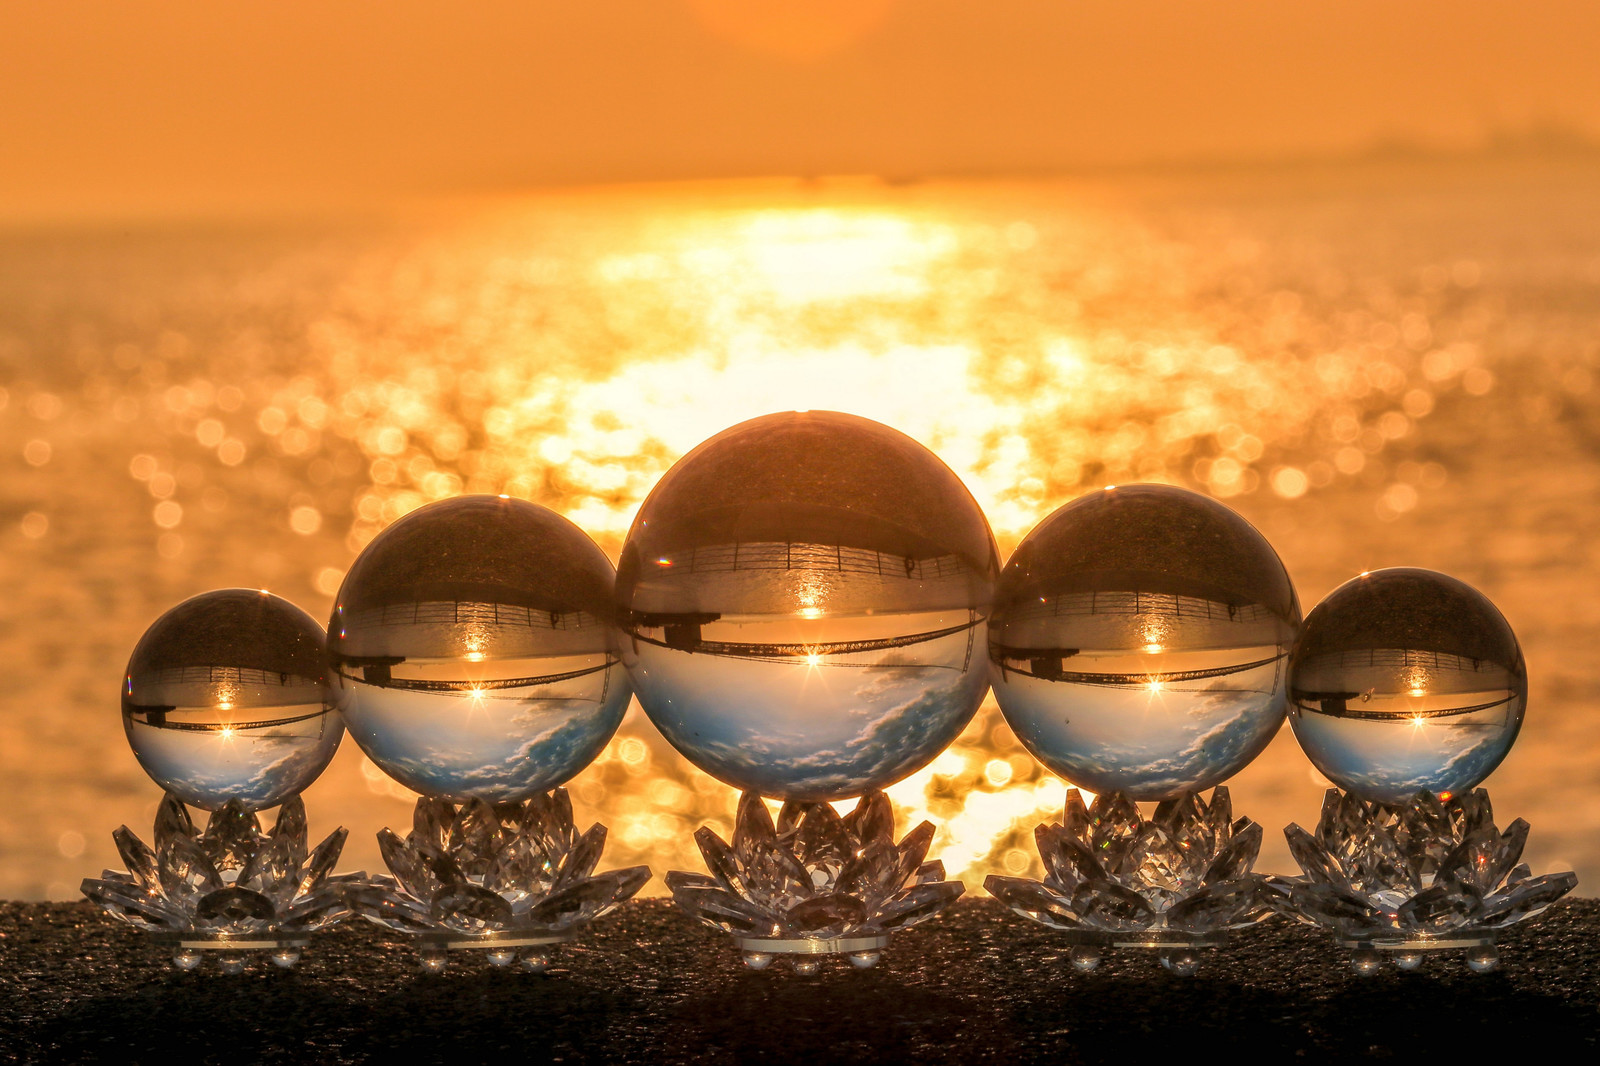 「水晶の中の光芒と夕景」の写真